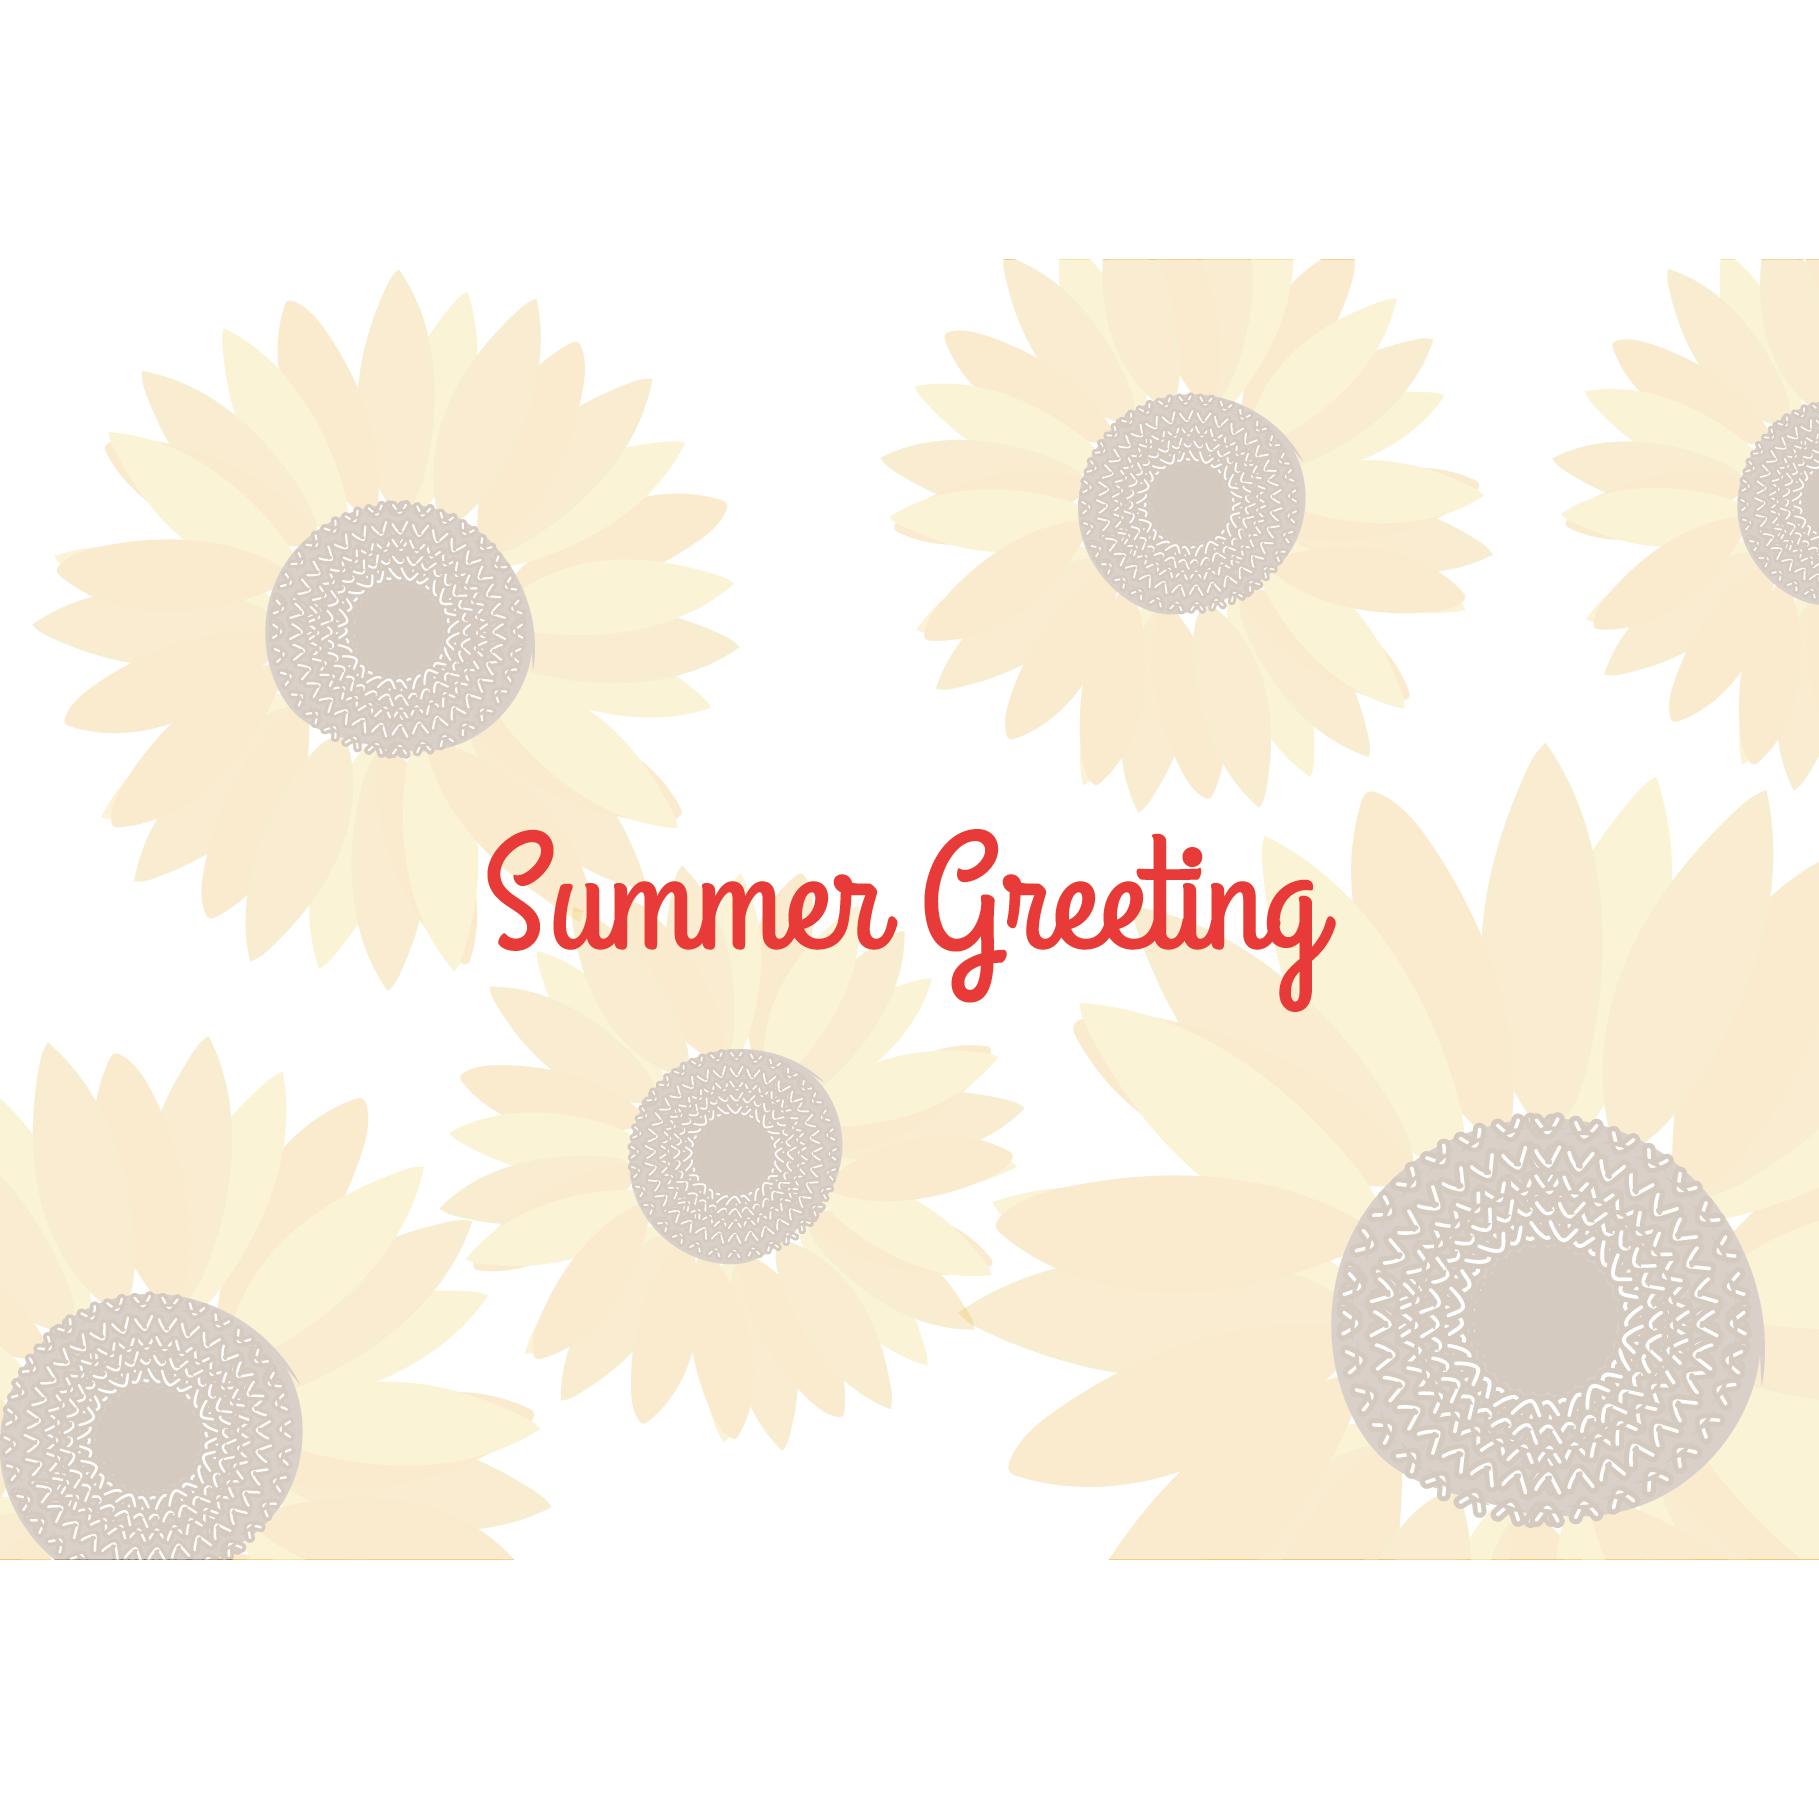 【暑中・残暑見舞い・横】ひまわりの夏のグリーティング イラスト